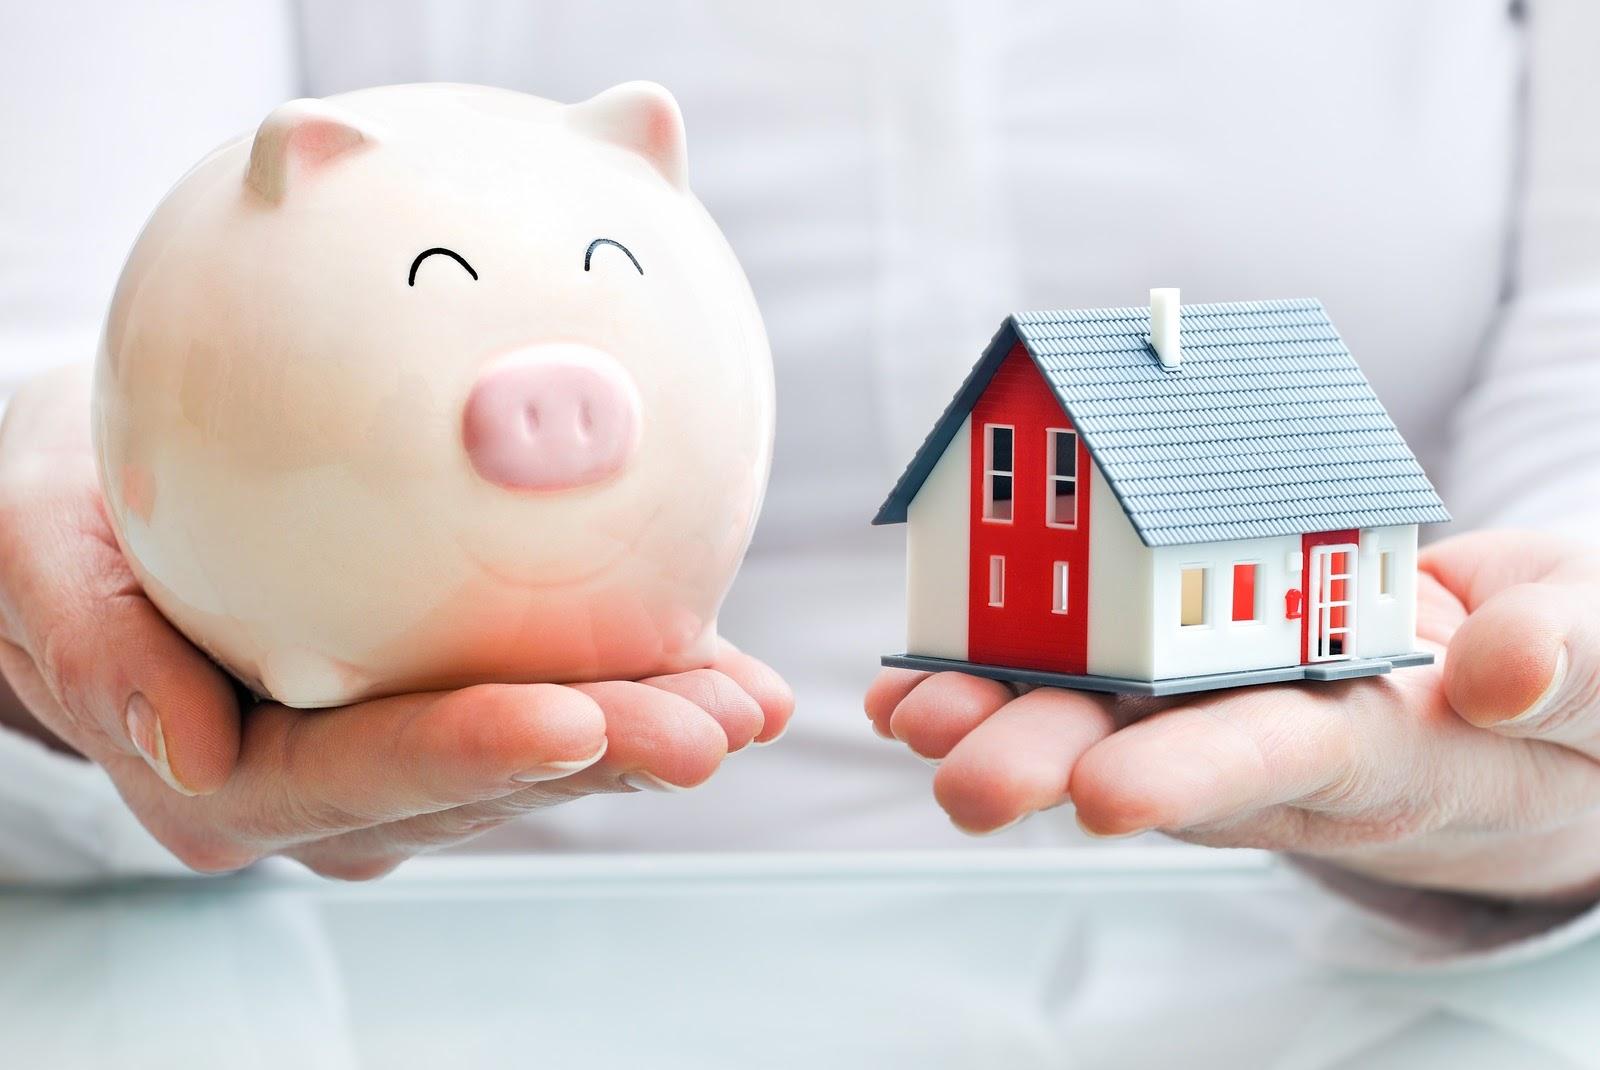 當日撥款 房屋土地貸款快速方案,快速融資撥款 解決您的問題 元天貸款公司 0975-701-666張代書